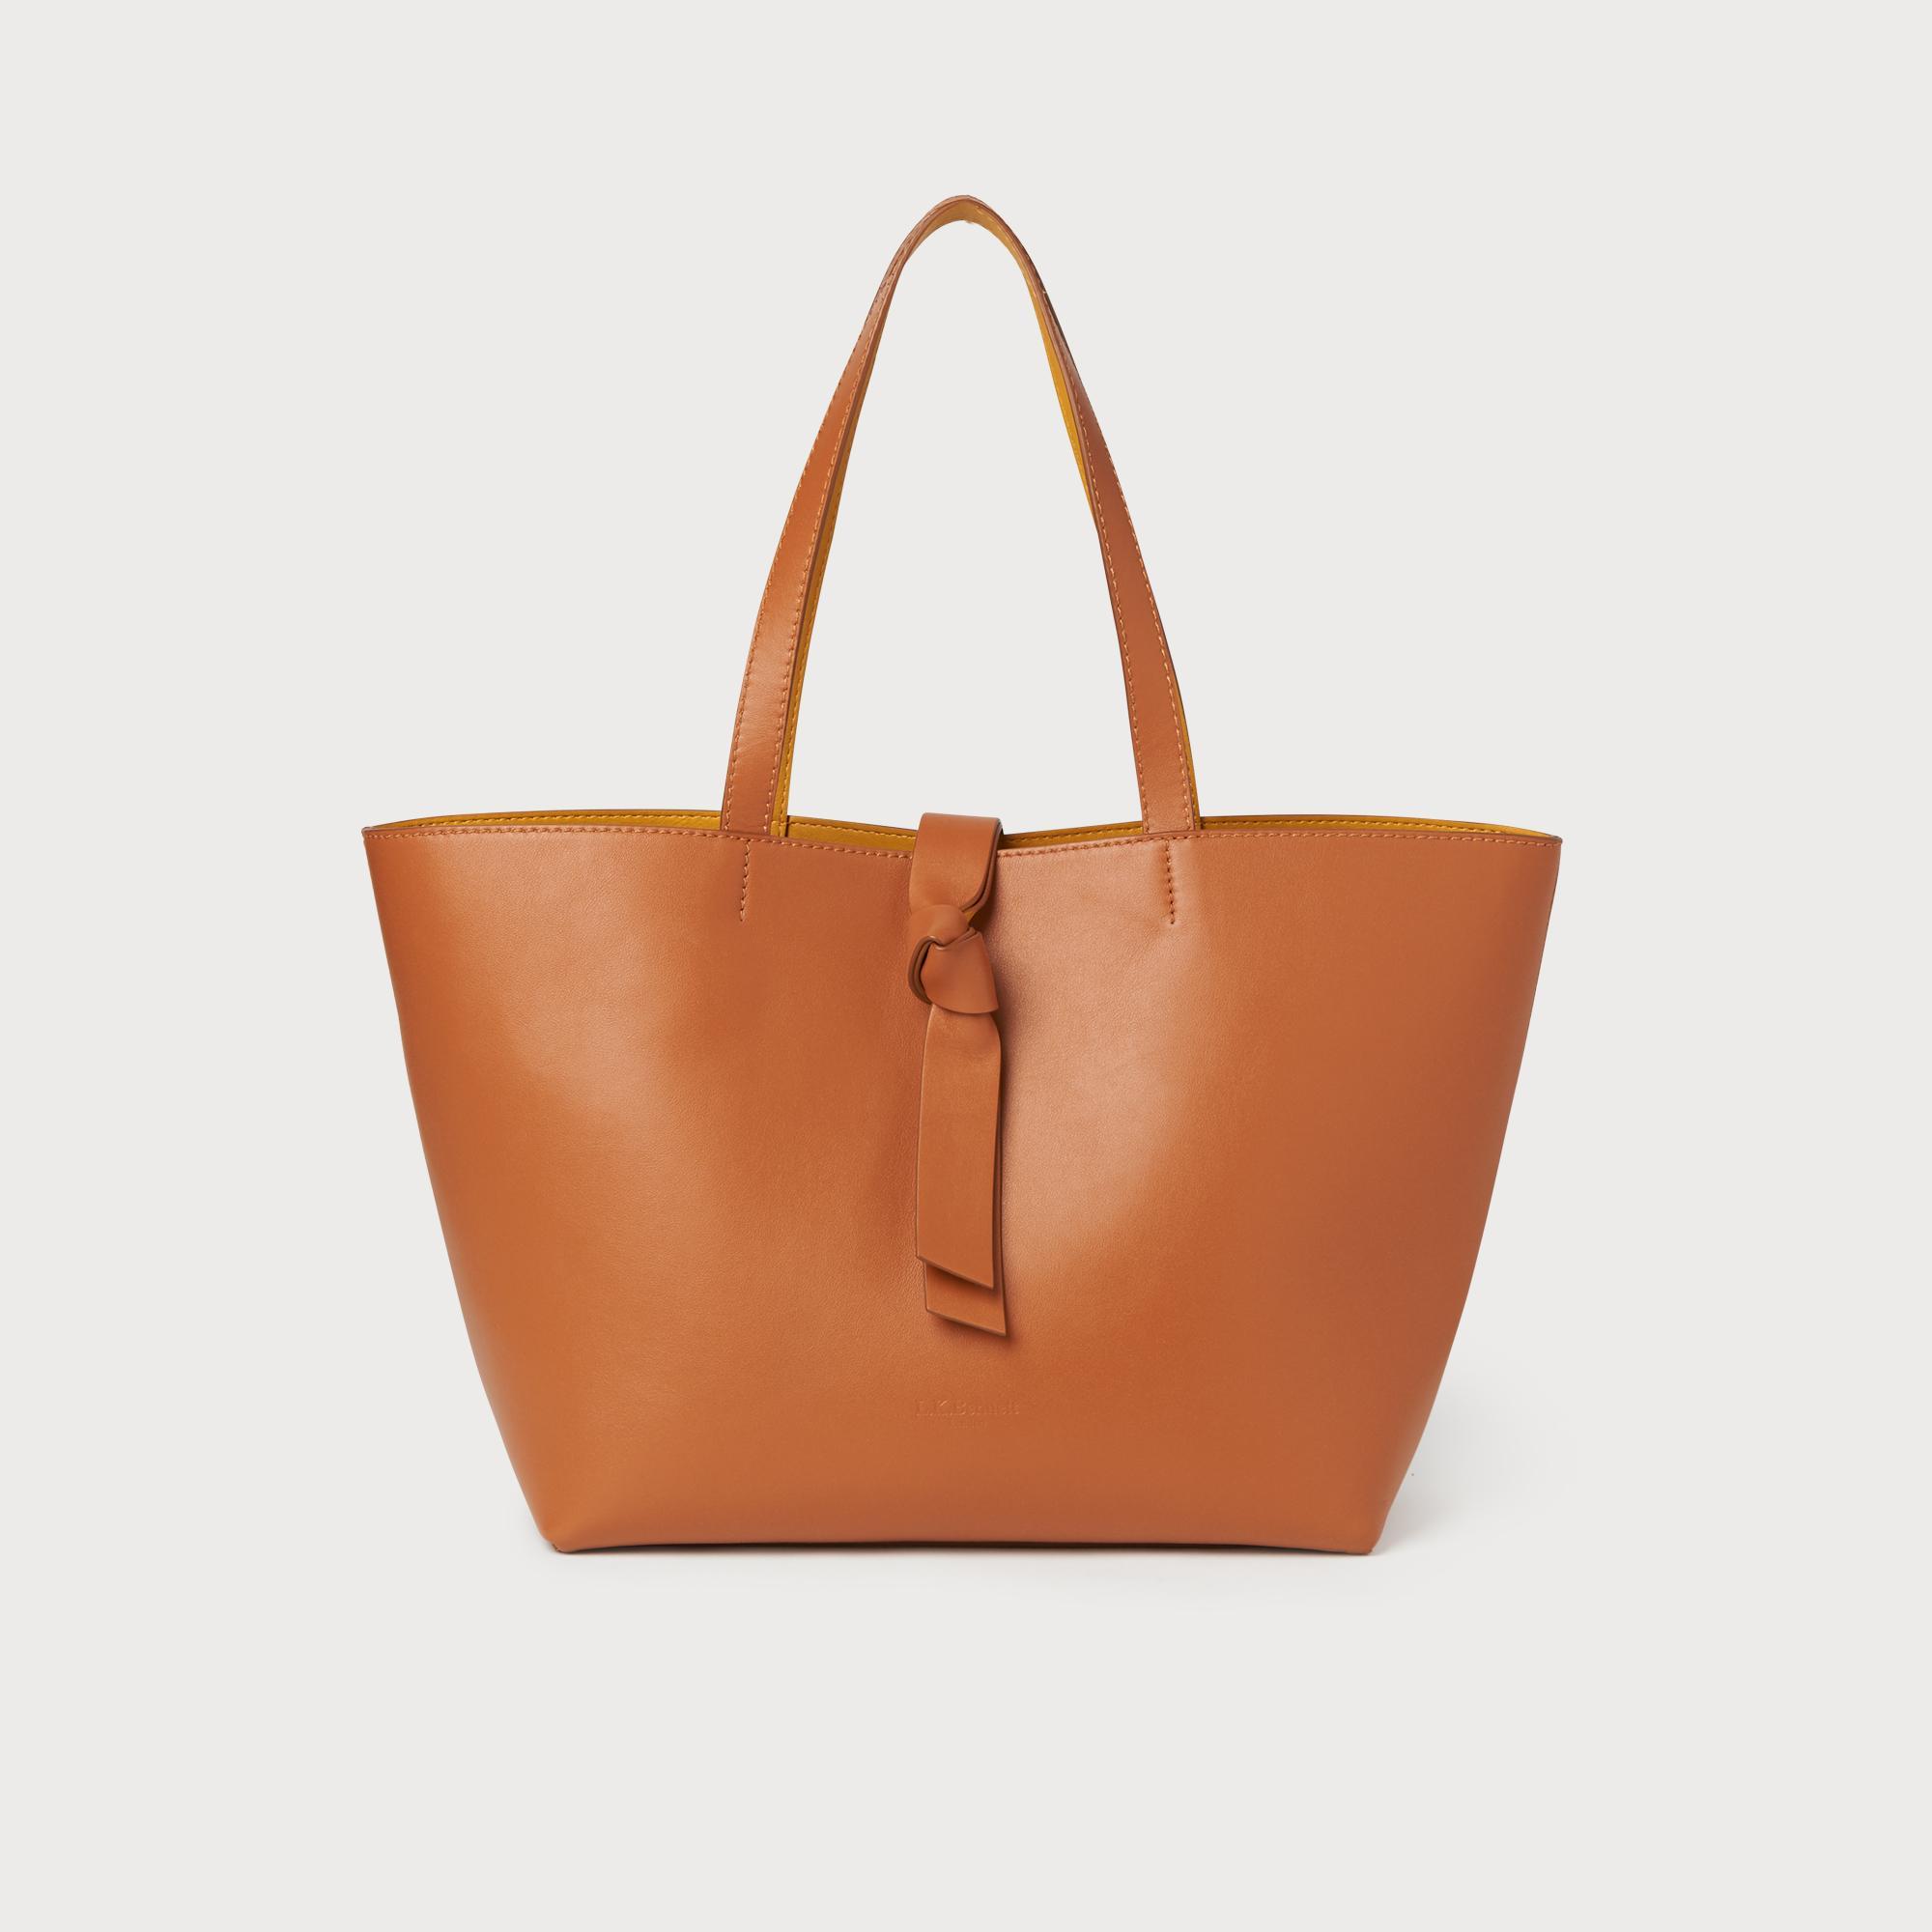 fa88a53c6cec Tan Tote Handbags Uk